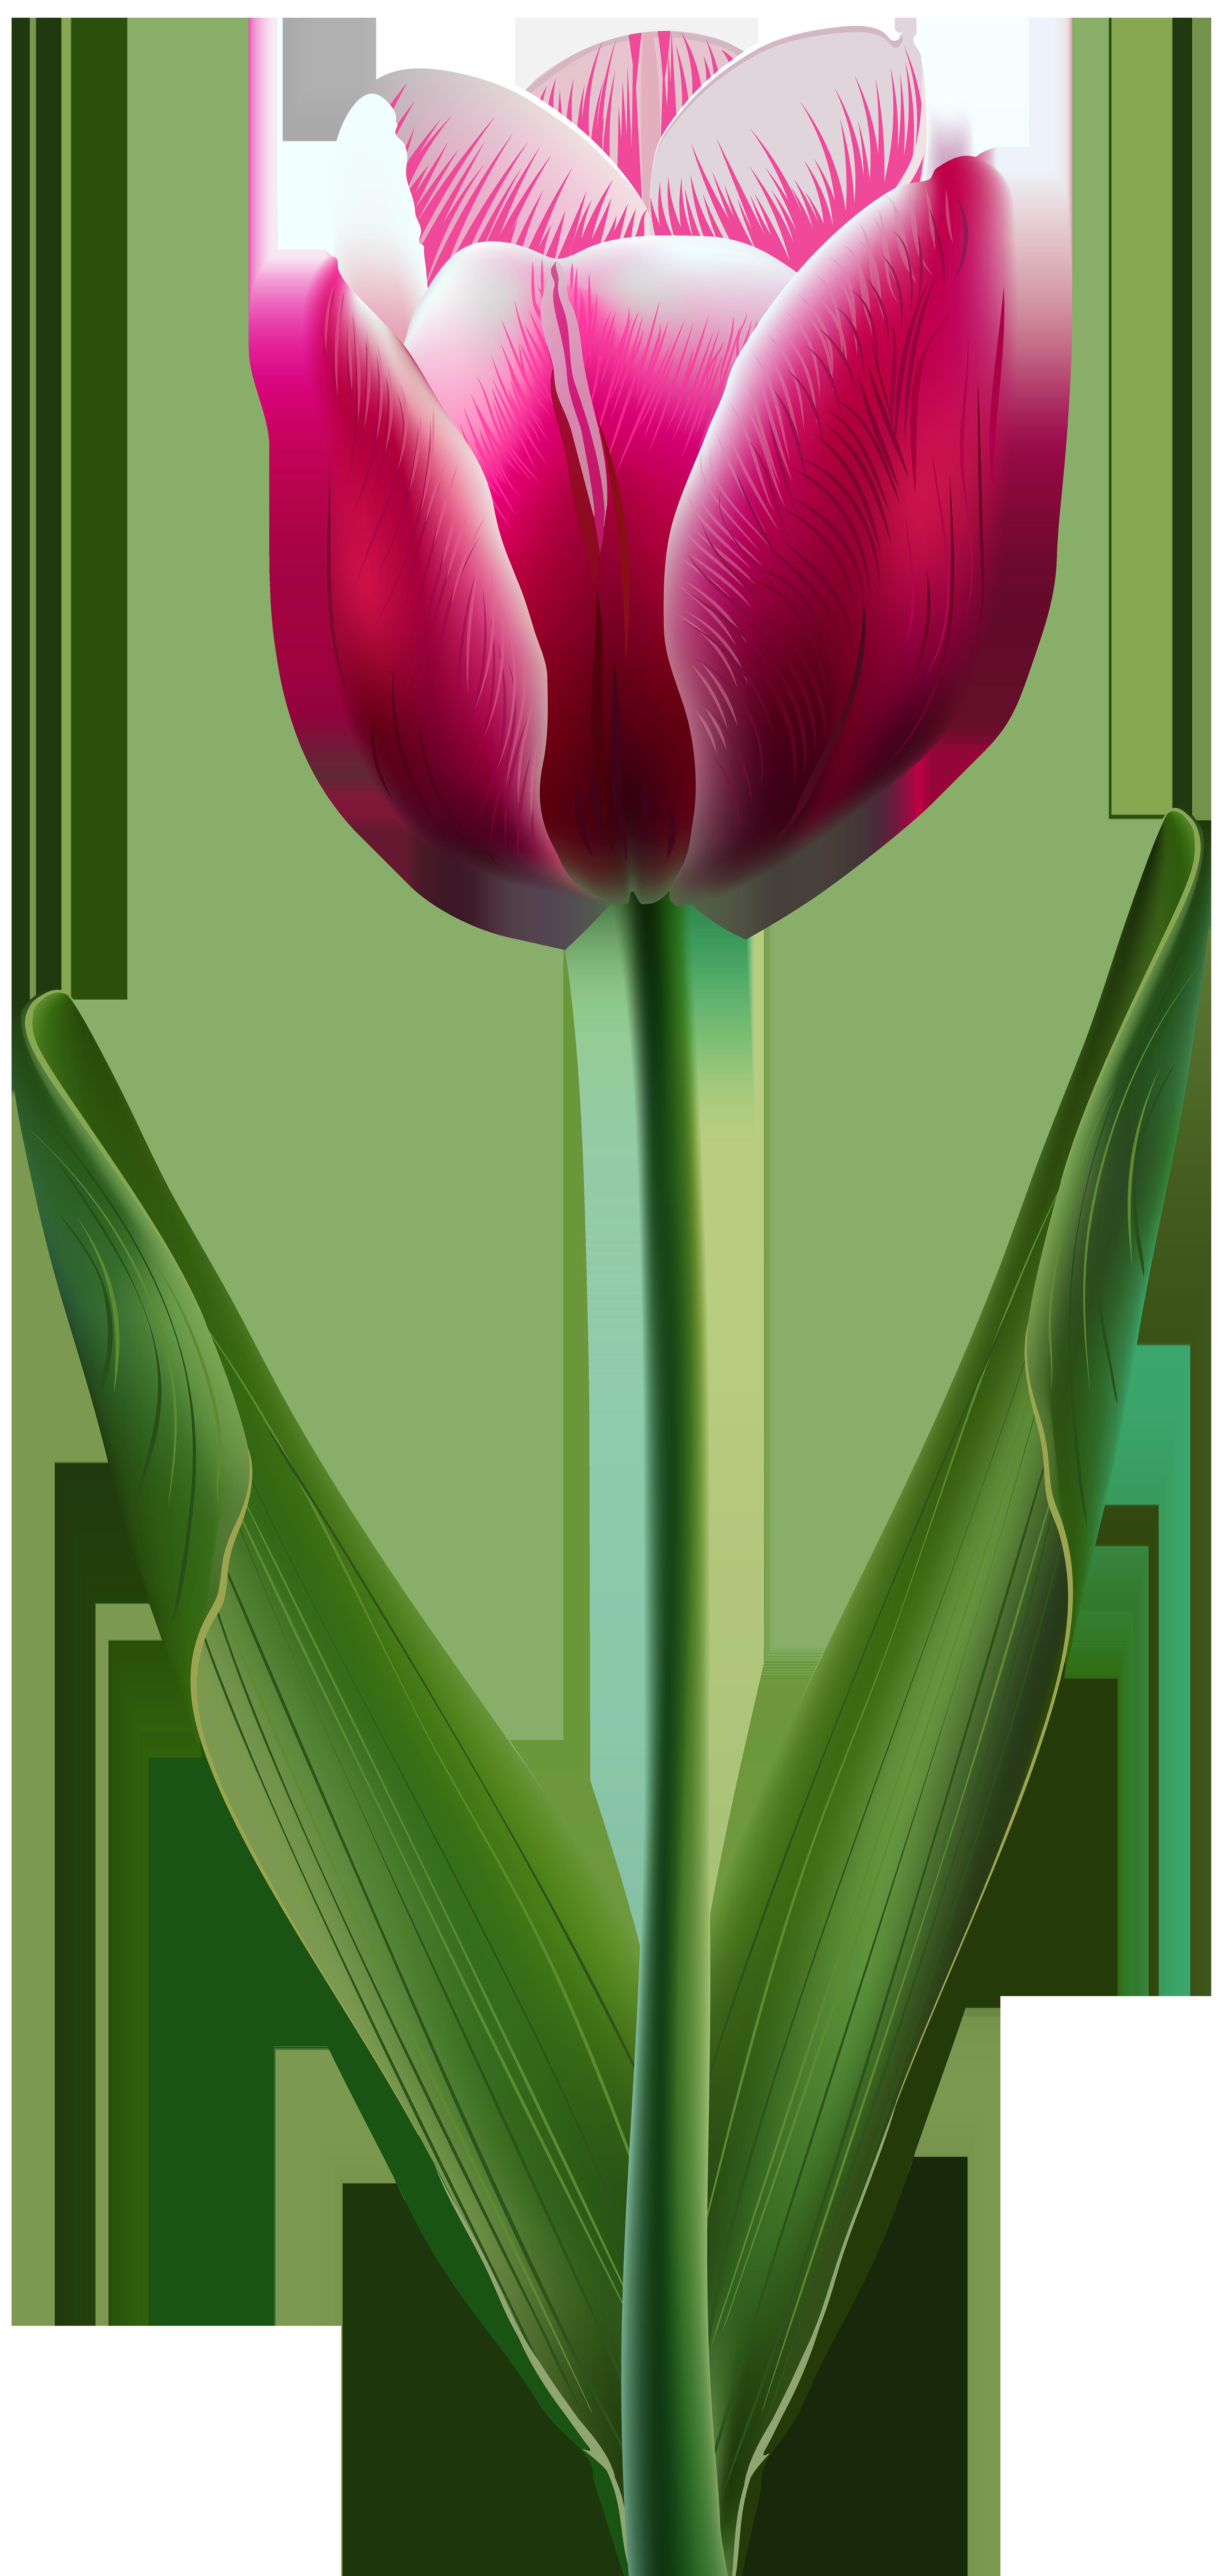 3812x8000 Beautiful Tulip Transparent Png Clip Art Imageu200b Gallery